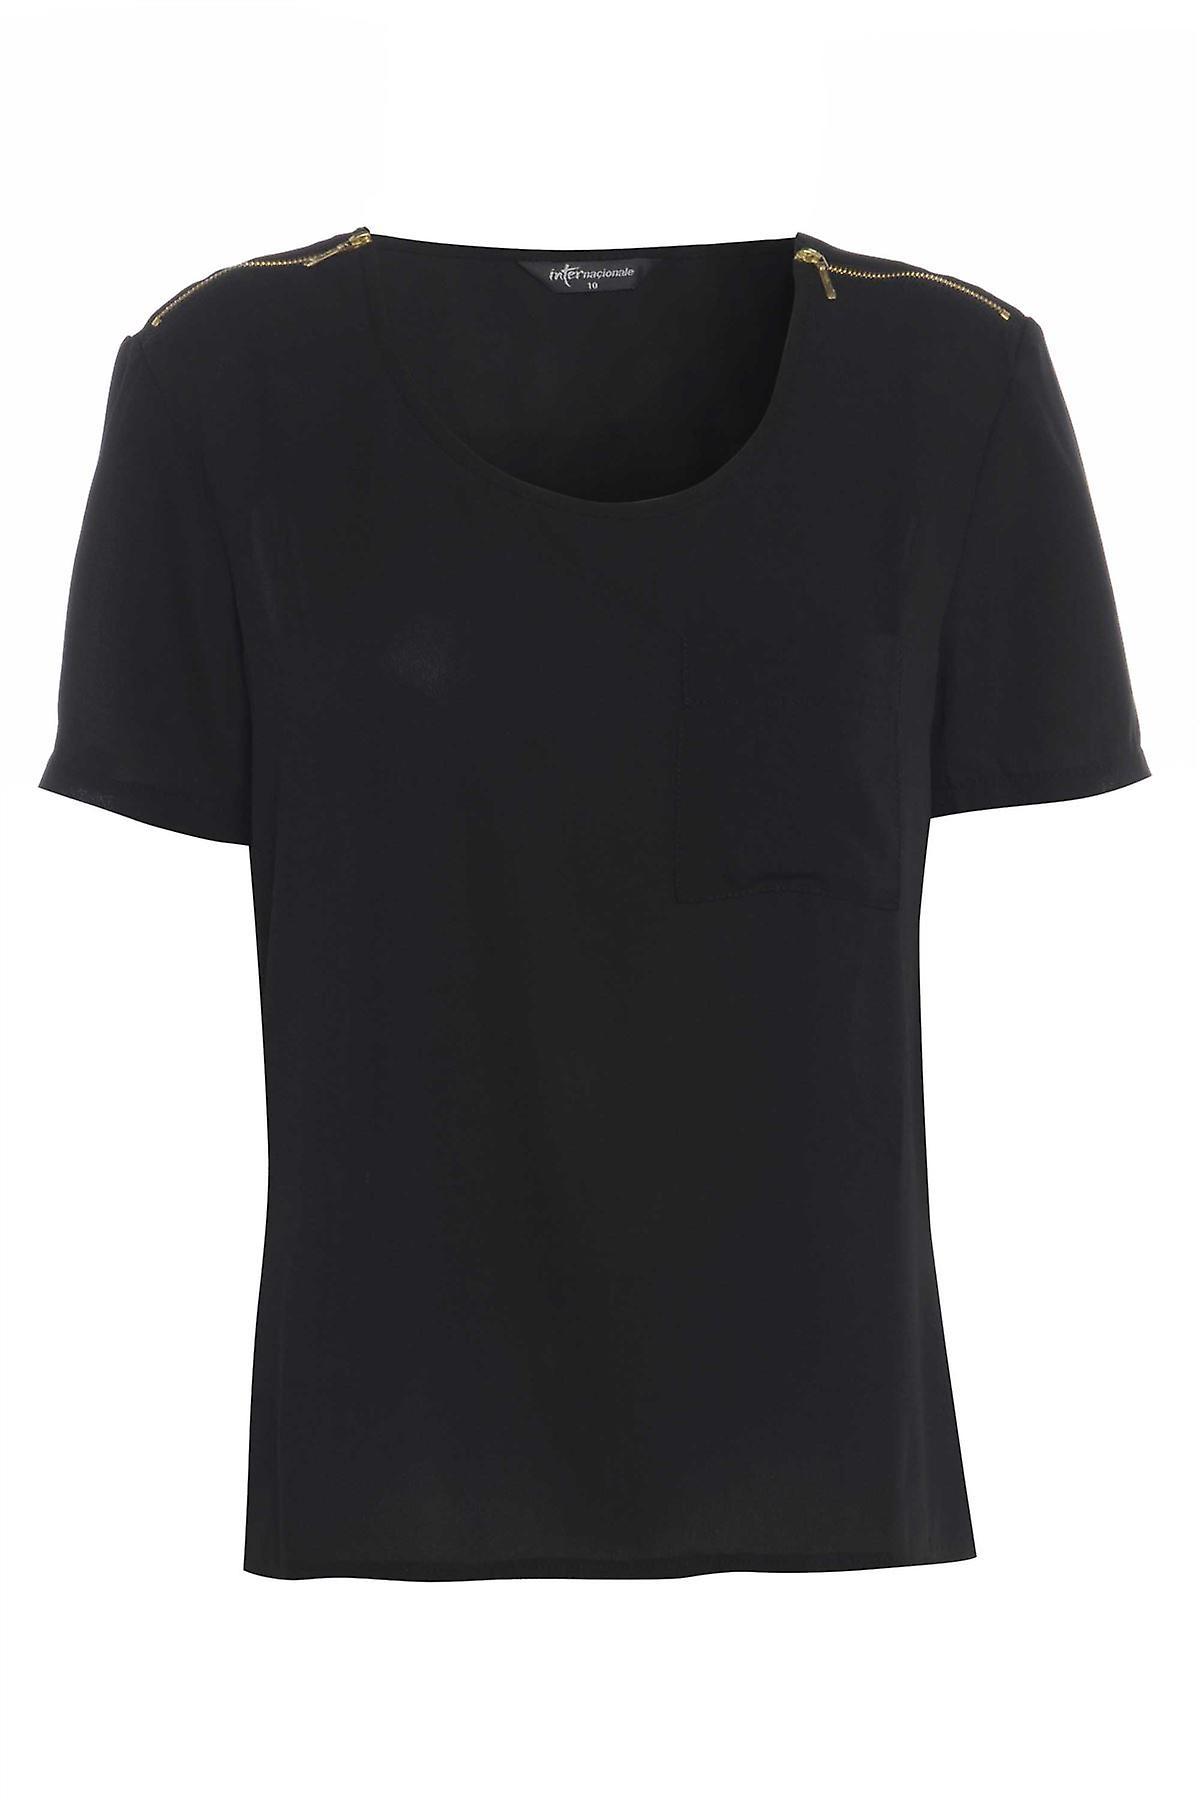 Internacionale Black Tee with shoulder zip detail TP549-12